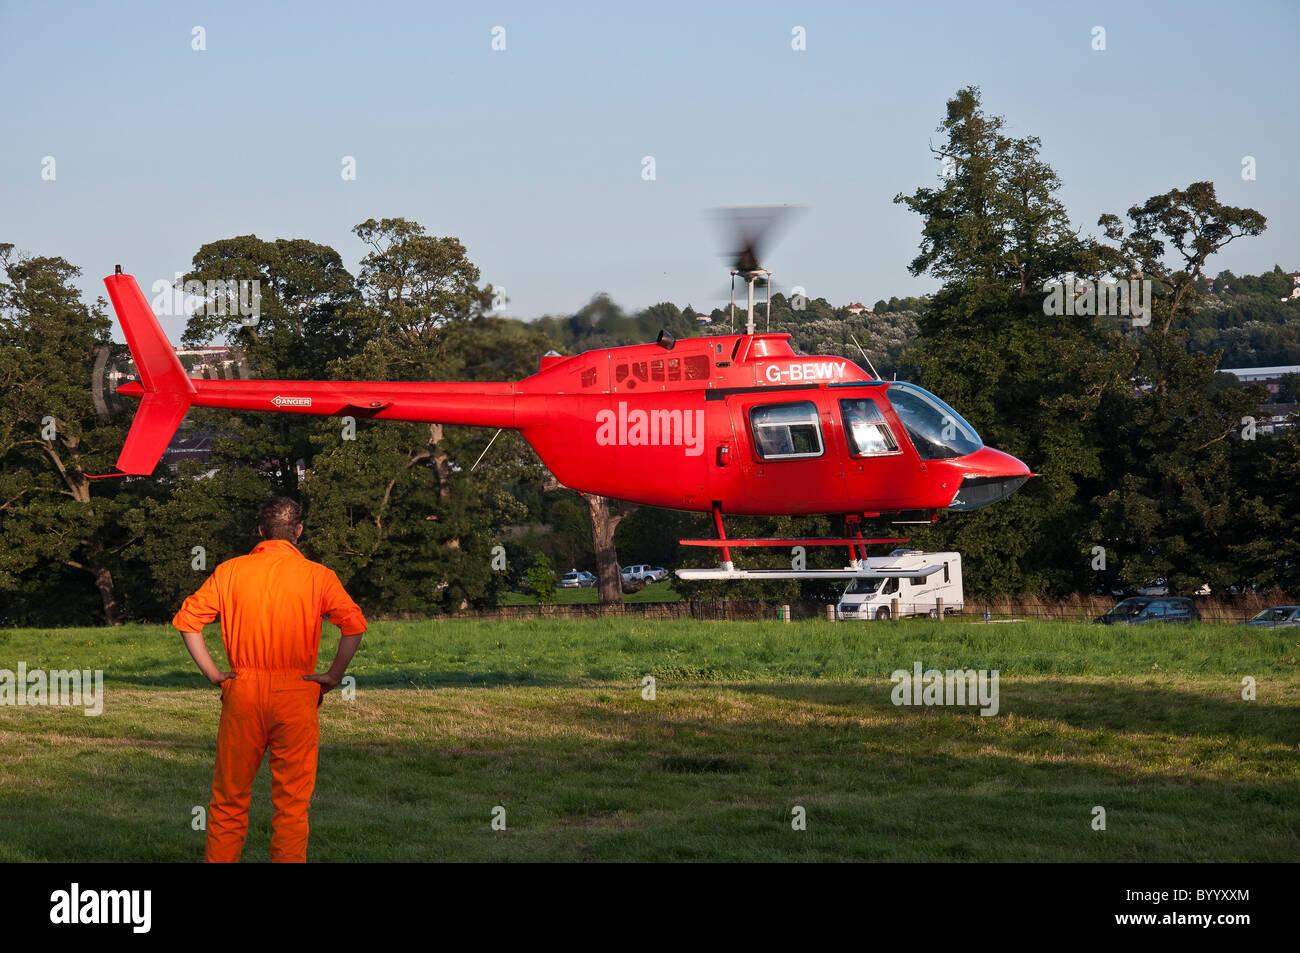 Elicottero Jet Ranger : Jet ranger elicottero volo di aeromobili battenti di decollo foto